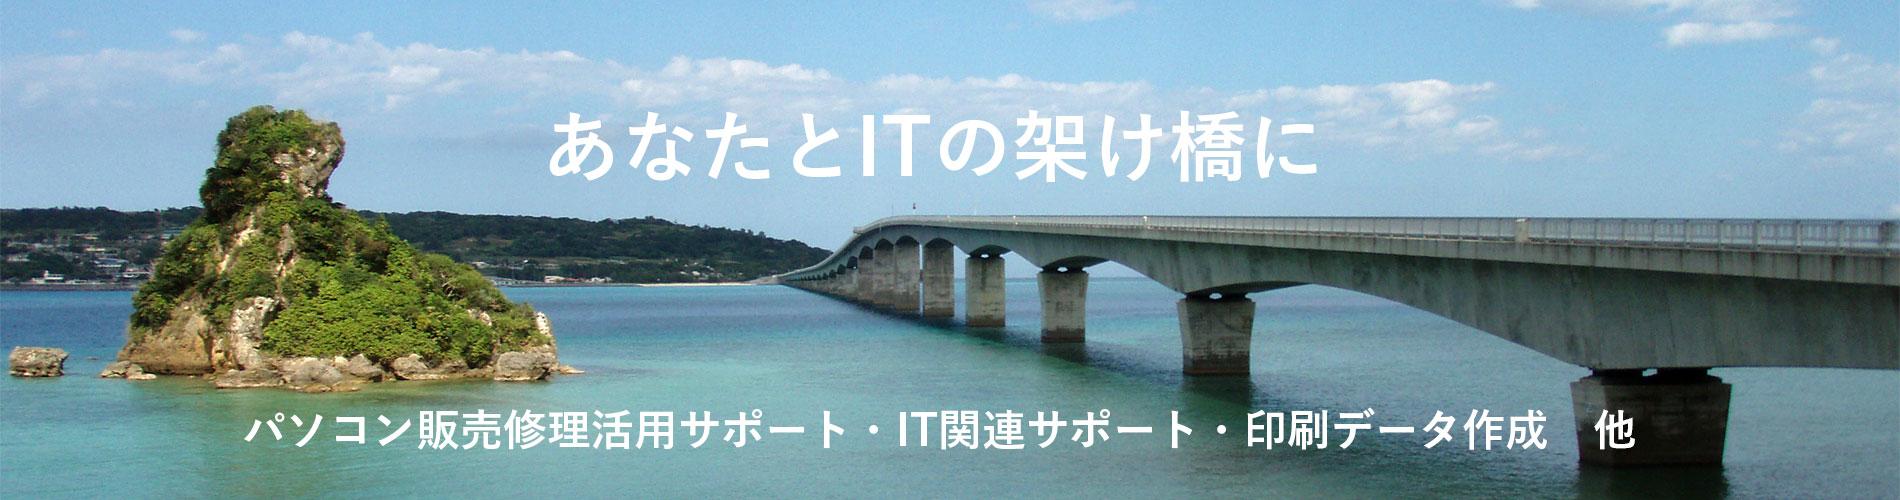 あなたとITの架け橋に